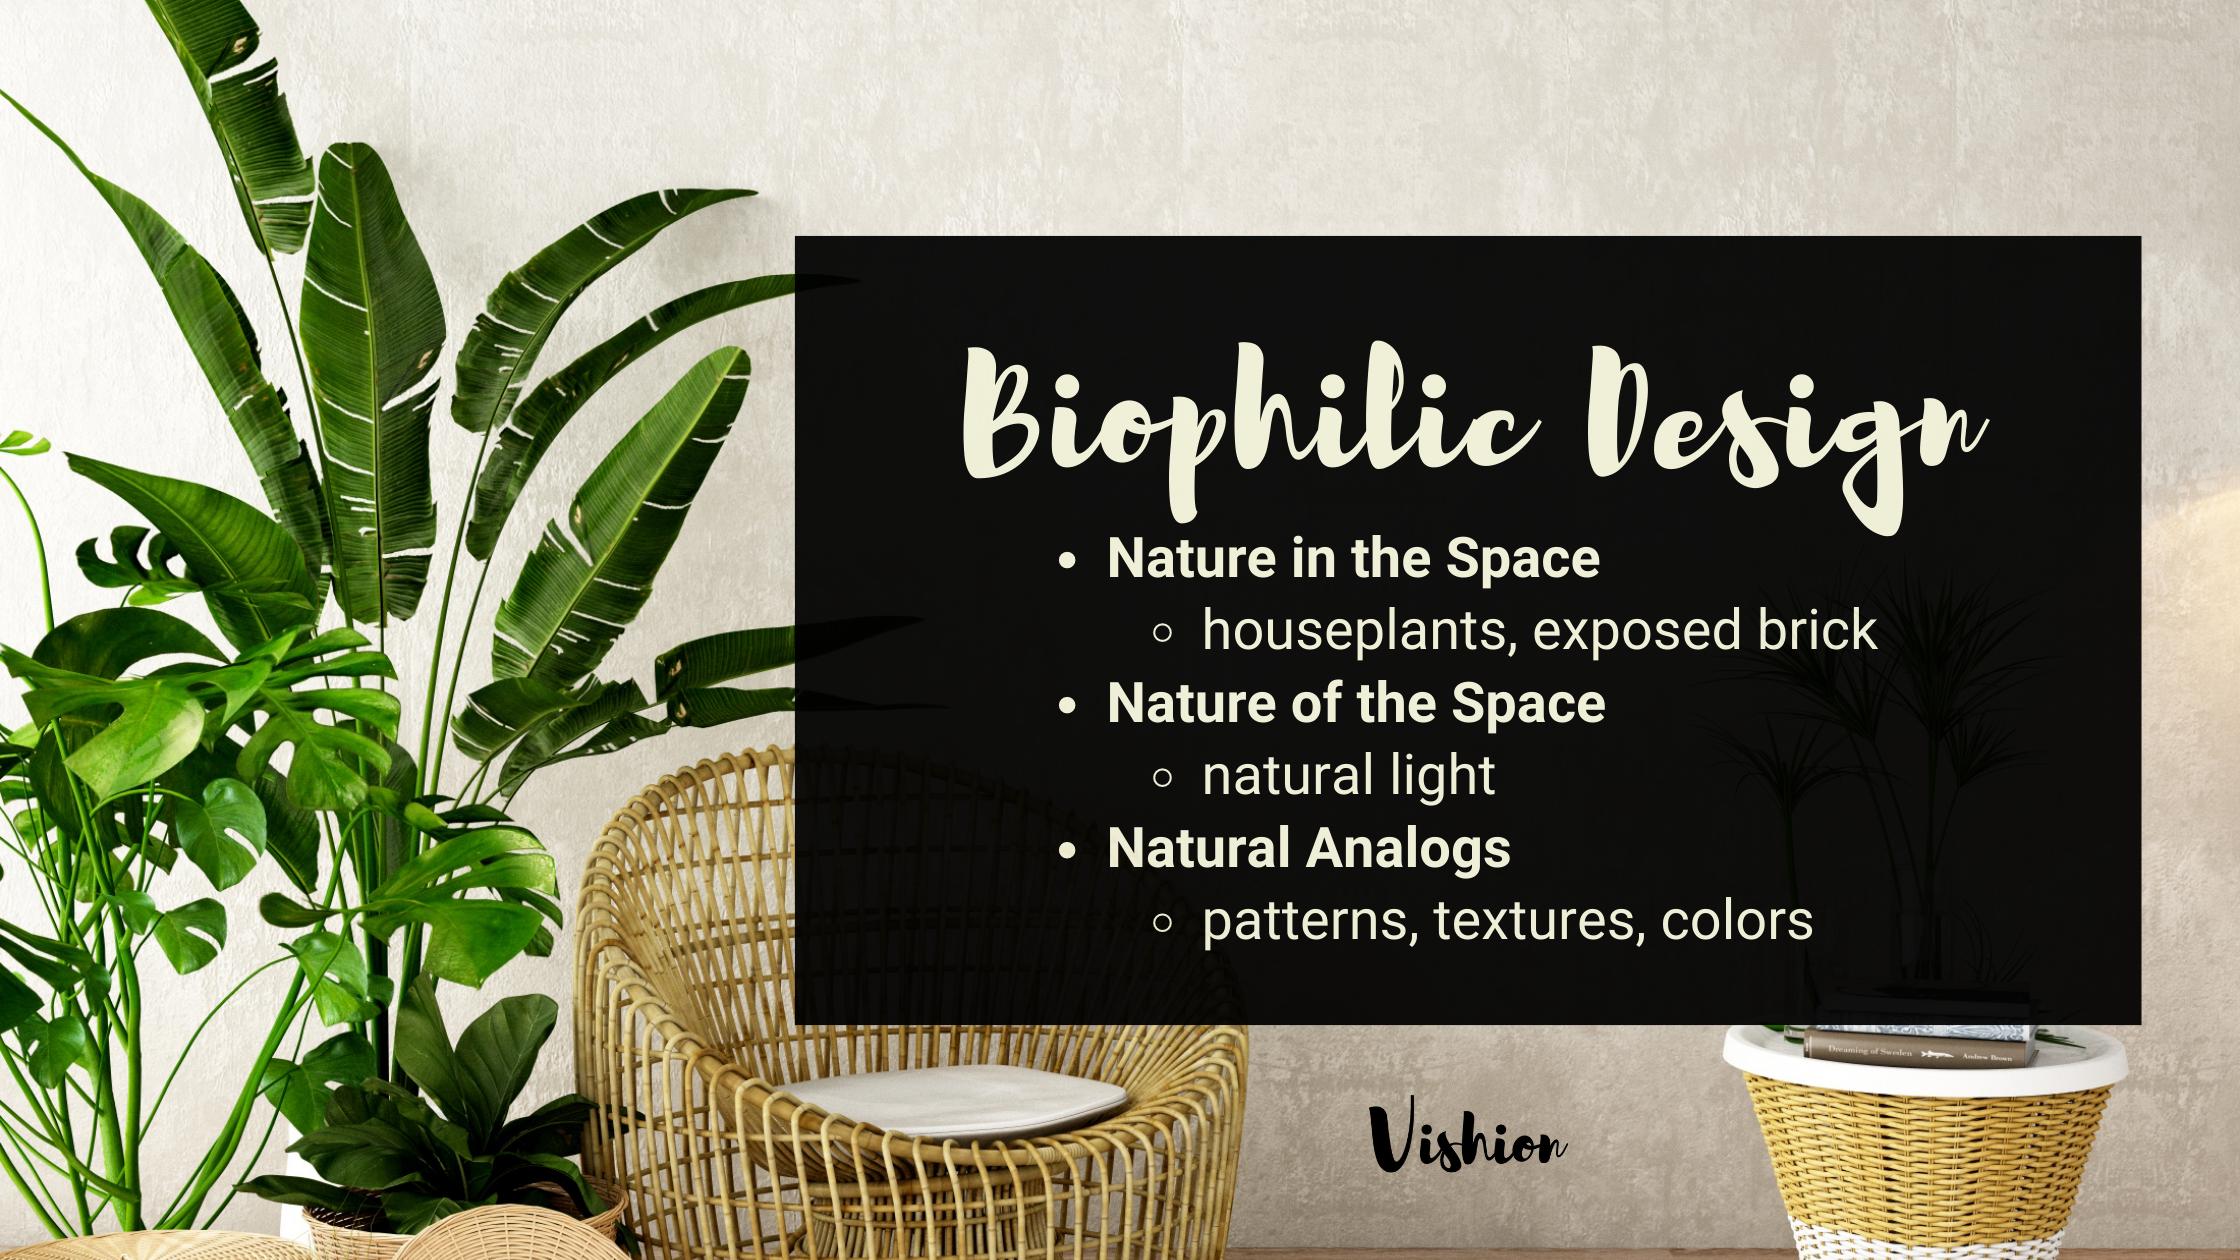 Biophilic Design graphic